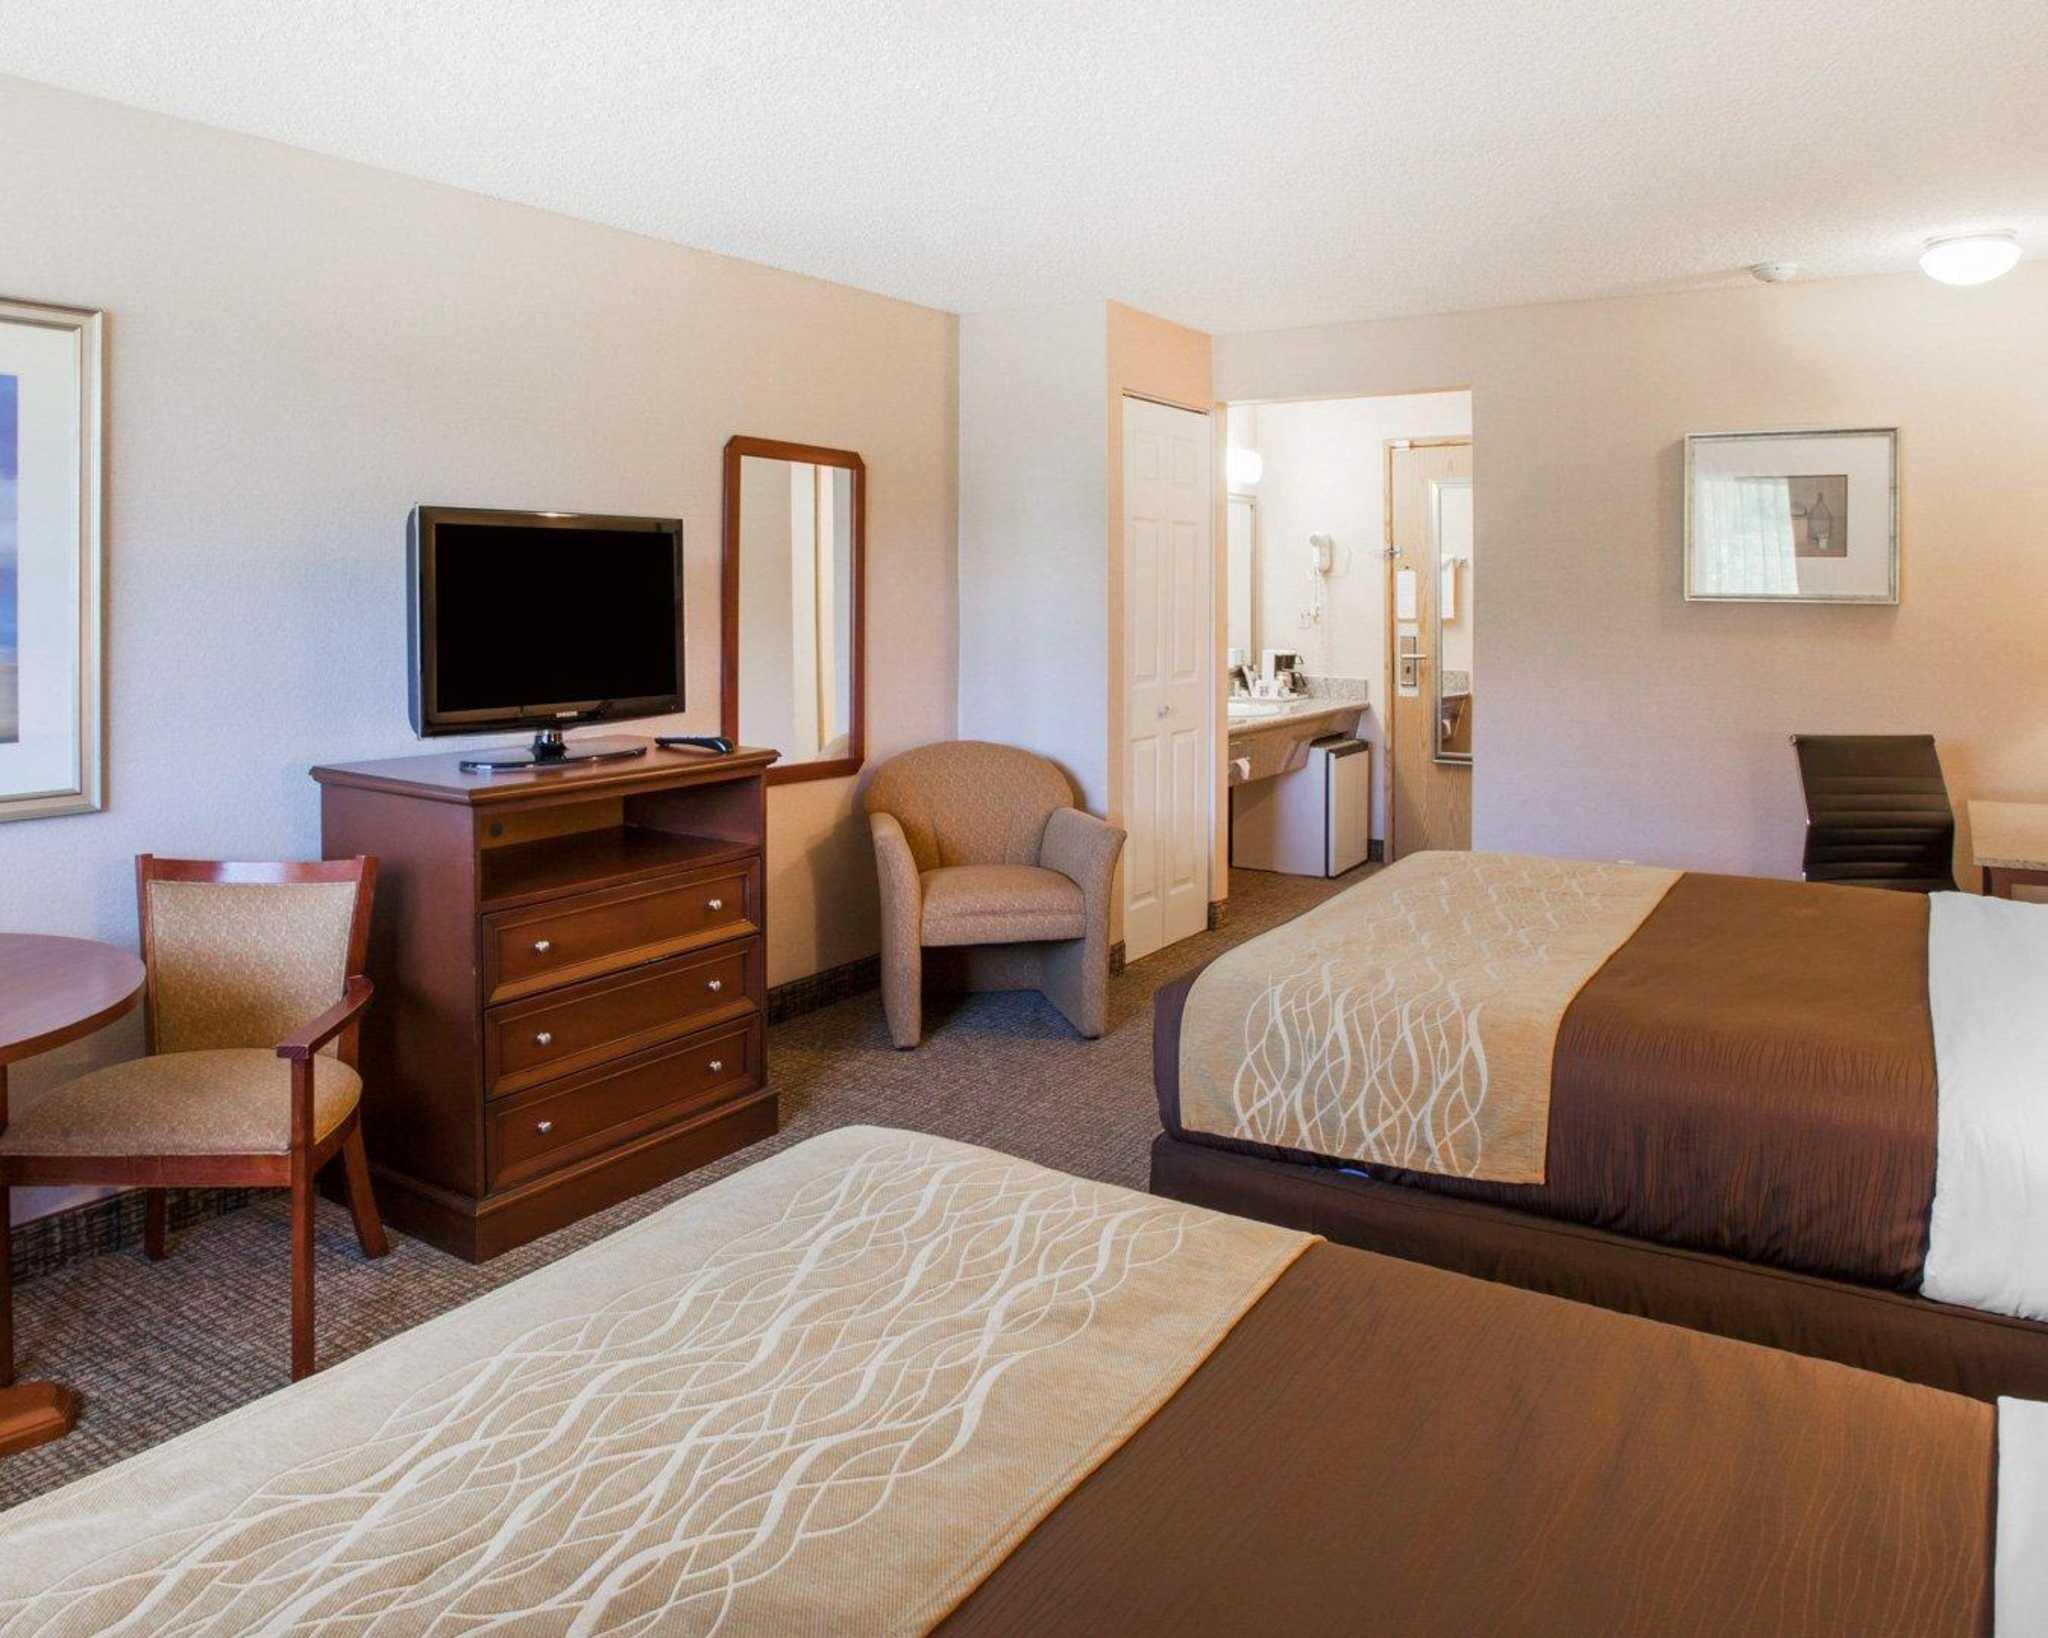 Comfort Inn image 4